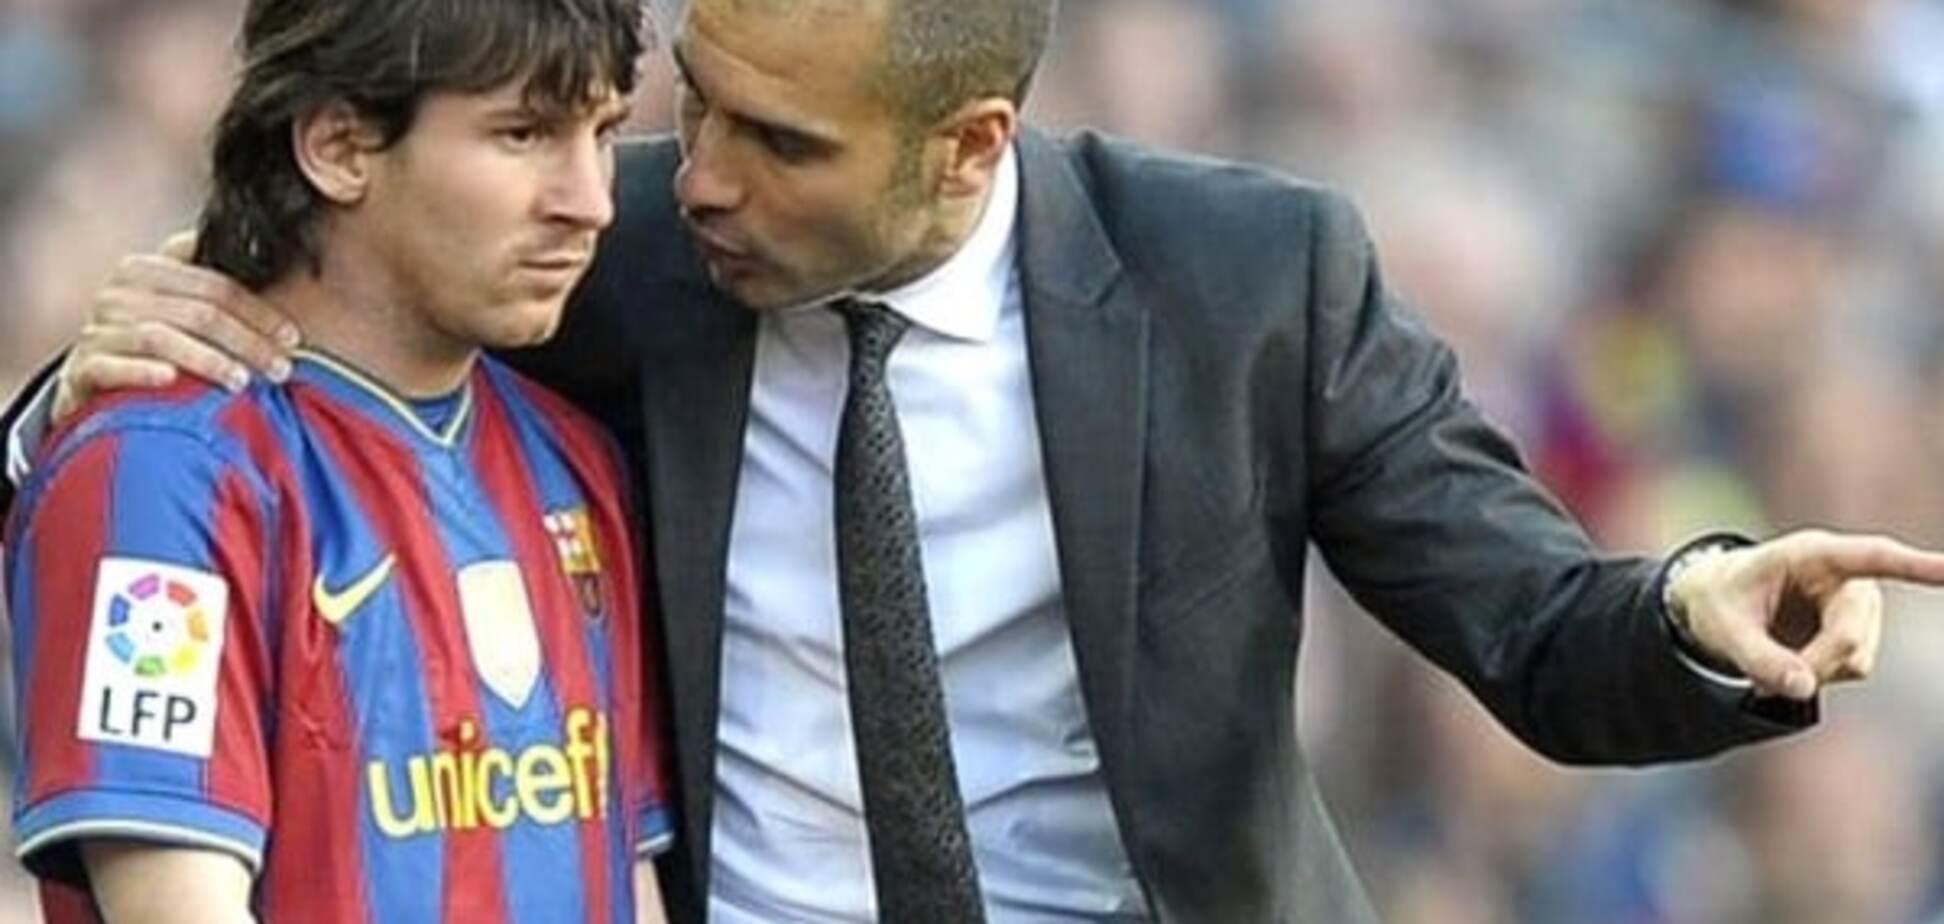 Бойся 'Динамо': Гвардиола потребовал купить Месси для 'Манчестер Сити'